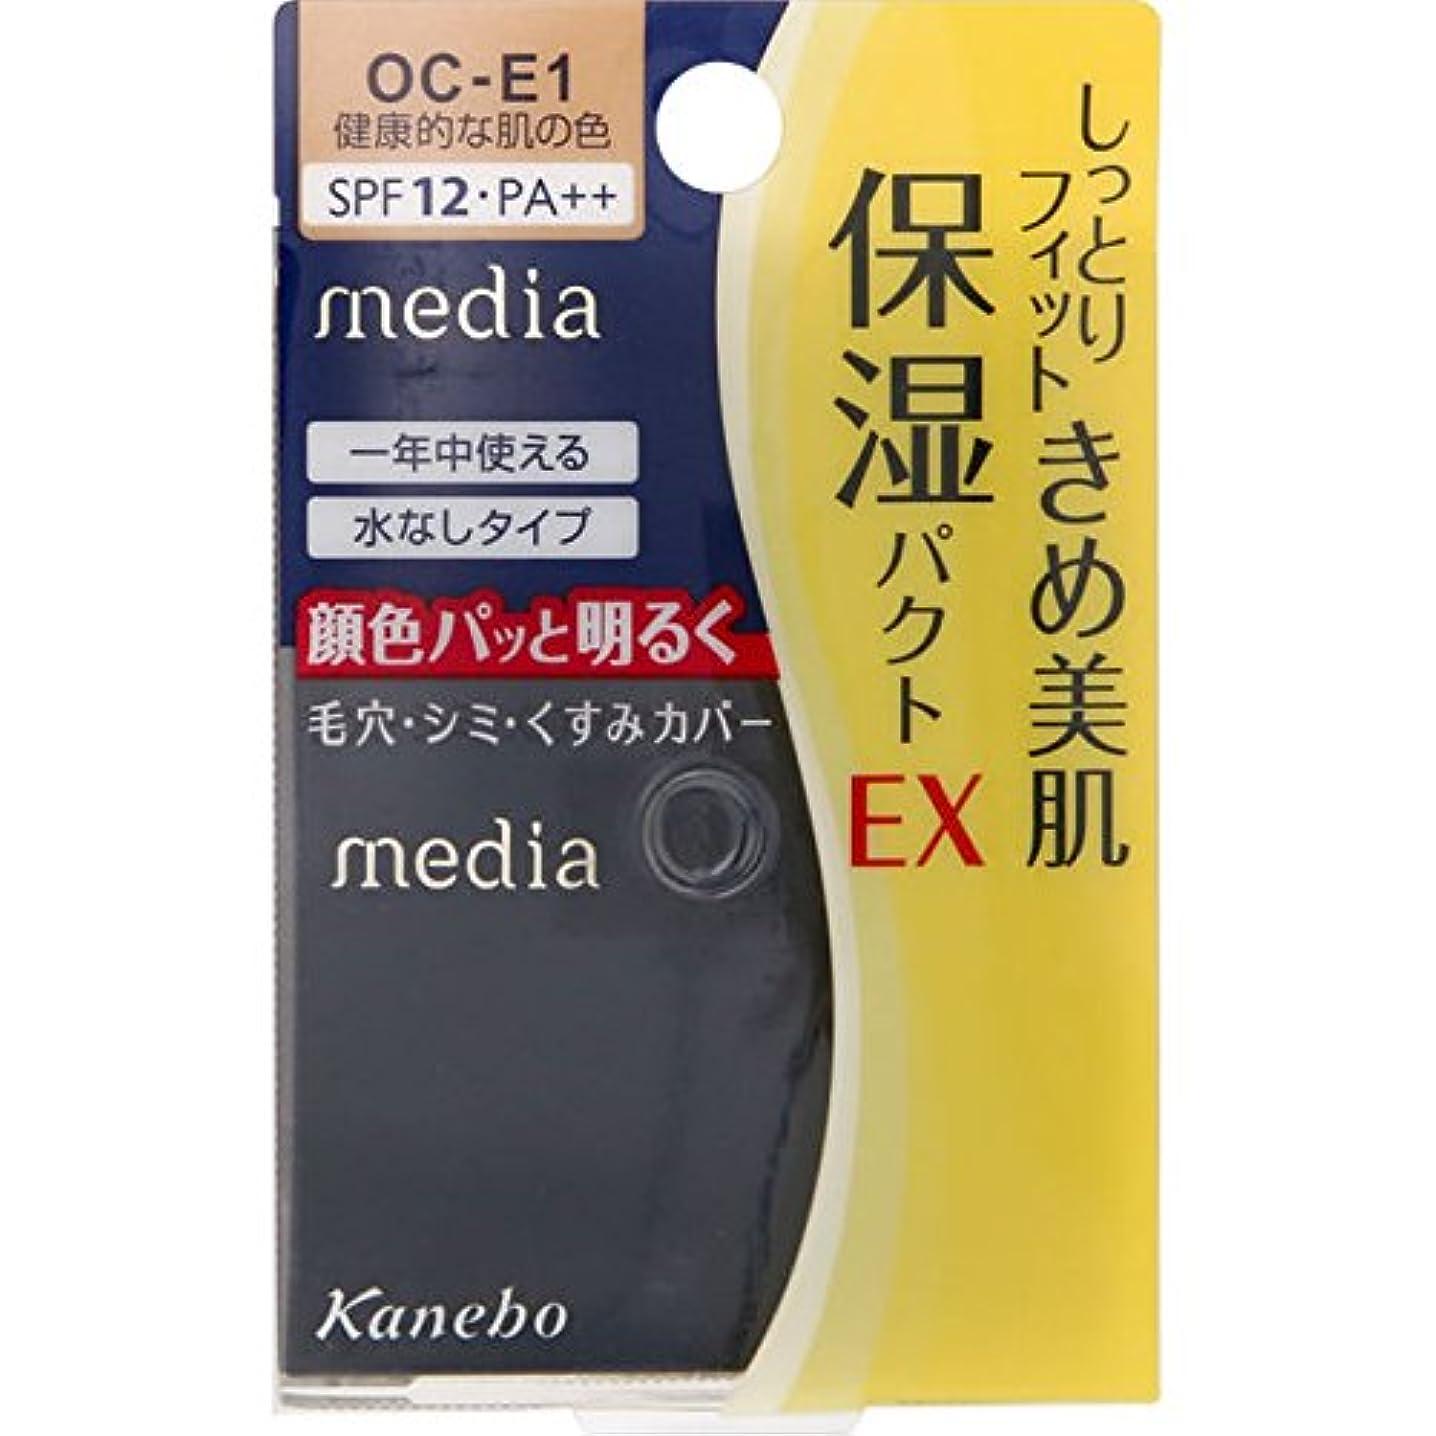 類似性ポケット分析するカネボウ メディア モイストフィットパクトEX OC-E1(11g)